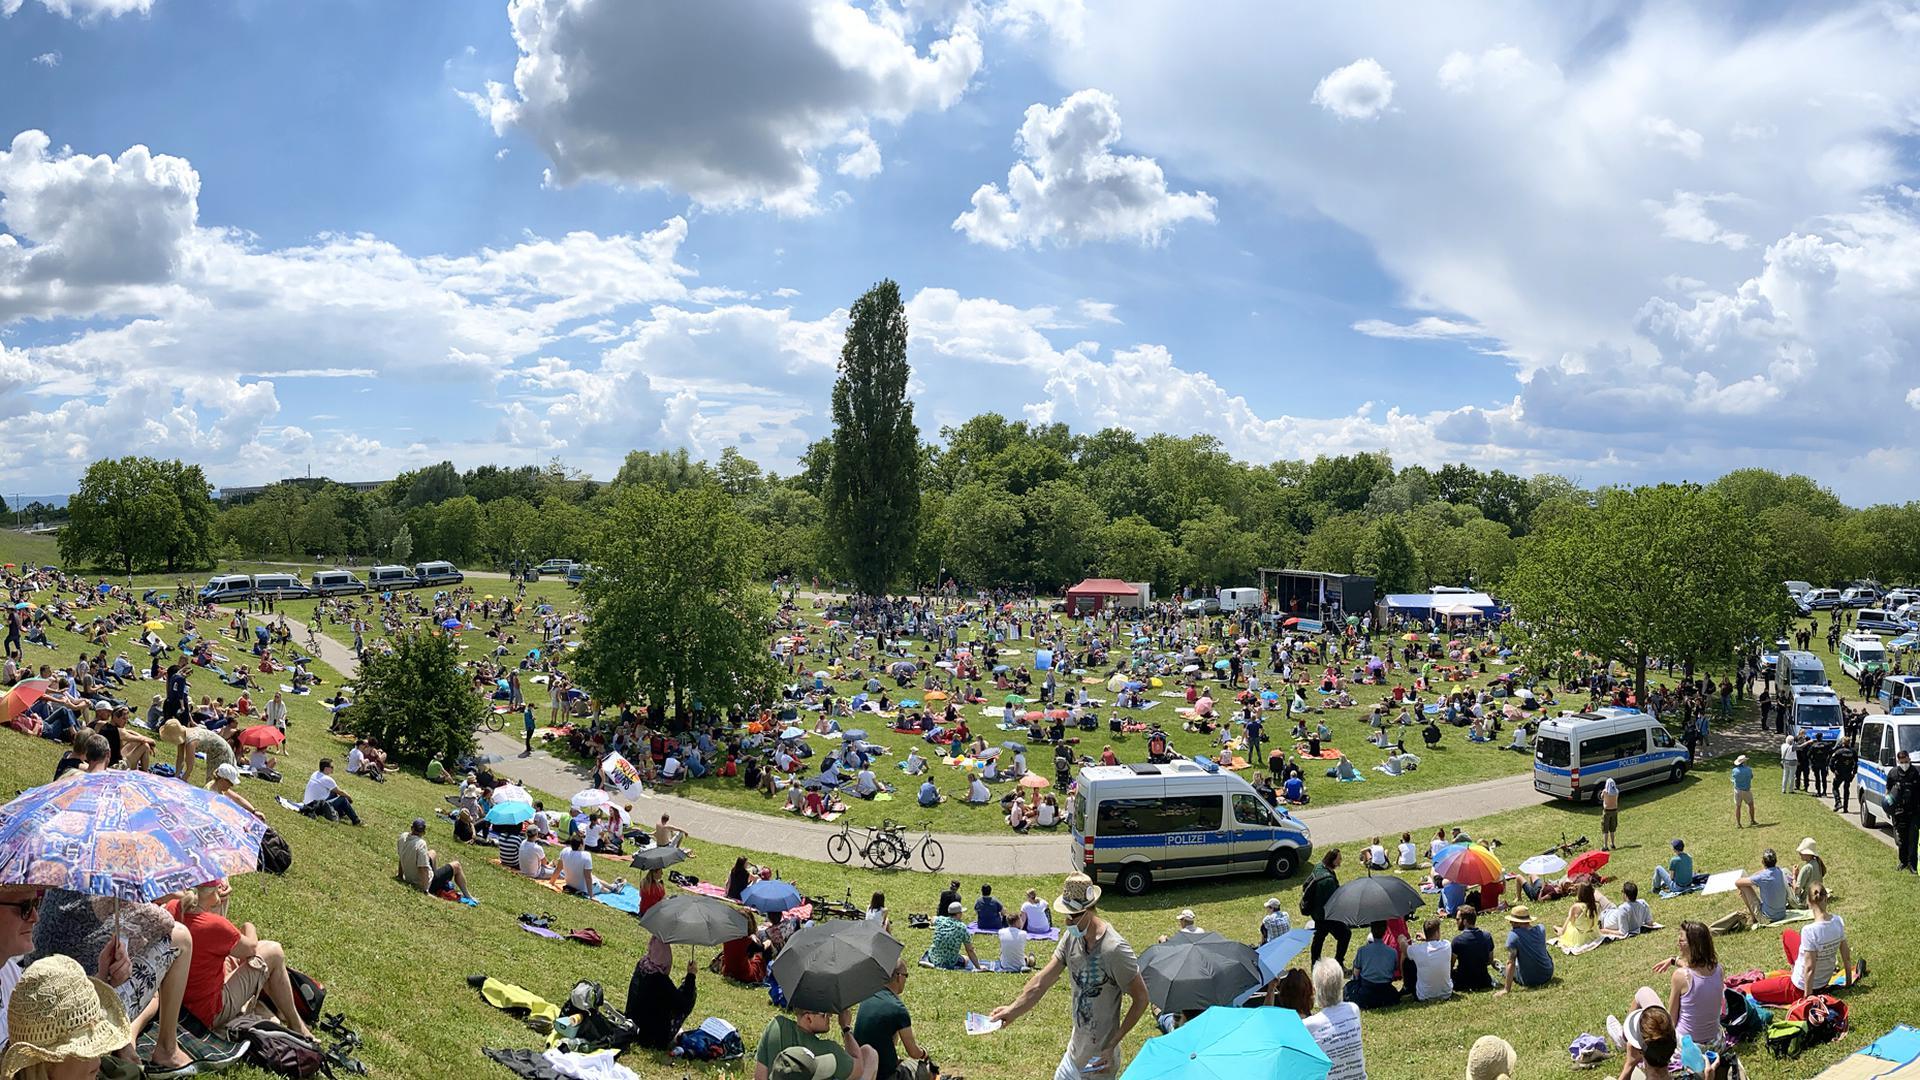 Rund 600 bis 800 Menschen hatten sich für die Querdenken-Kundgebung in der Günther-Klotz-Anlage versammelt.